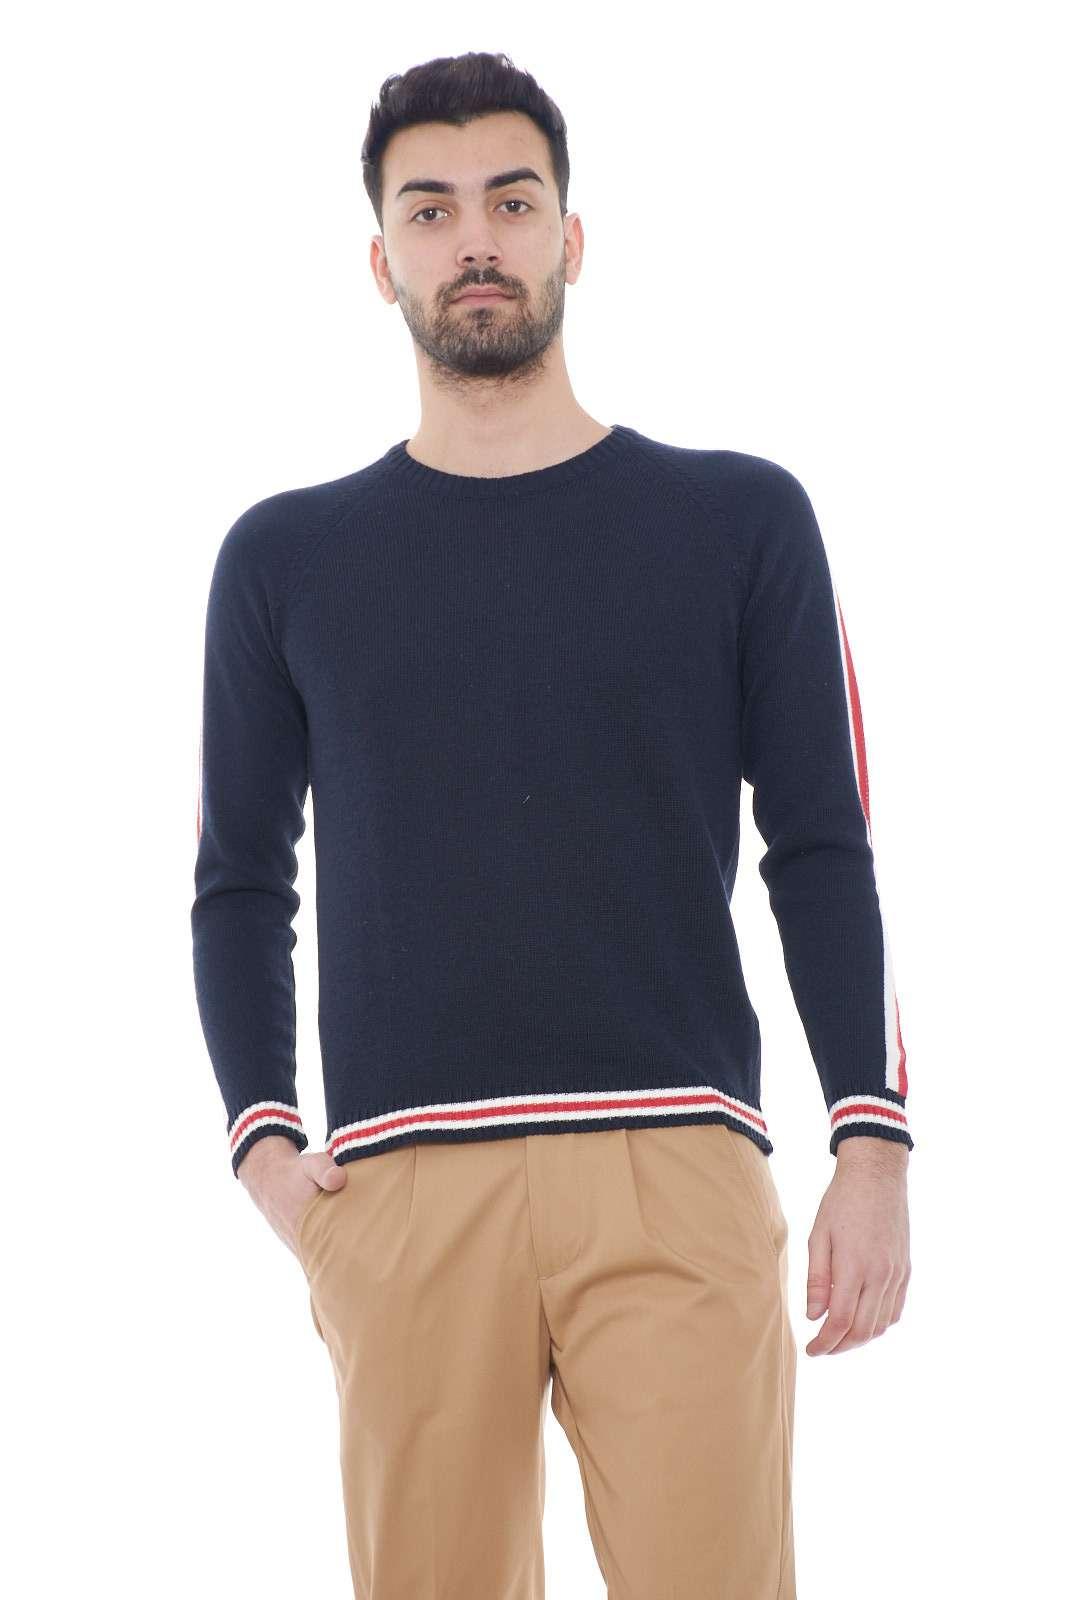 Un capo fashion e versatile la maglia in misto cotone proposta dalla collezione primavera estate di Daniele Alessandrini. Da abbinare ad un jeans o ad un pantalone è un capo versatile e indispensabile. La fantasia rigata sulle rifiniture e le bande laterali la rendono un'icona.